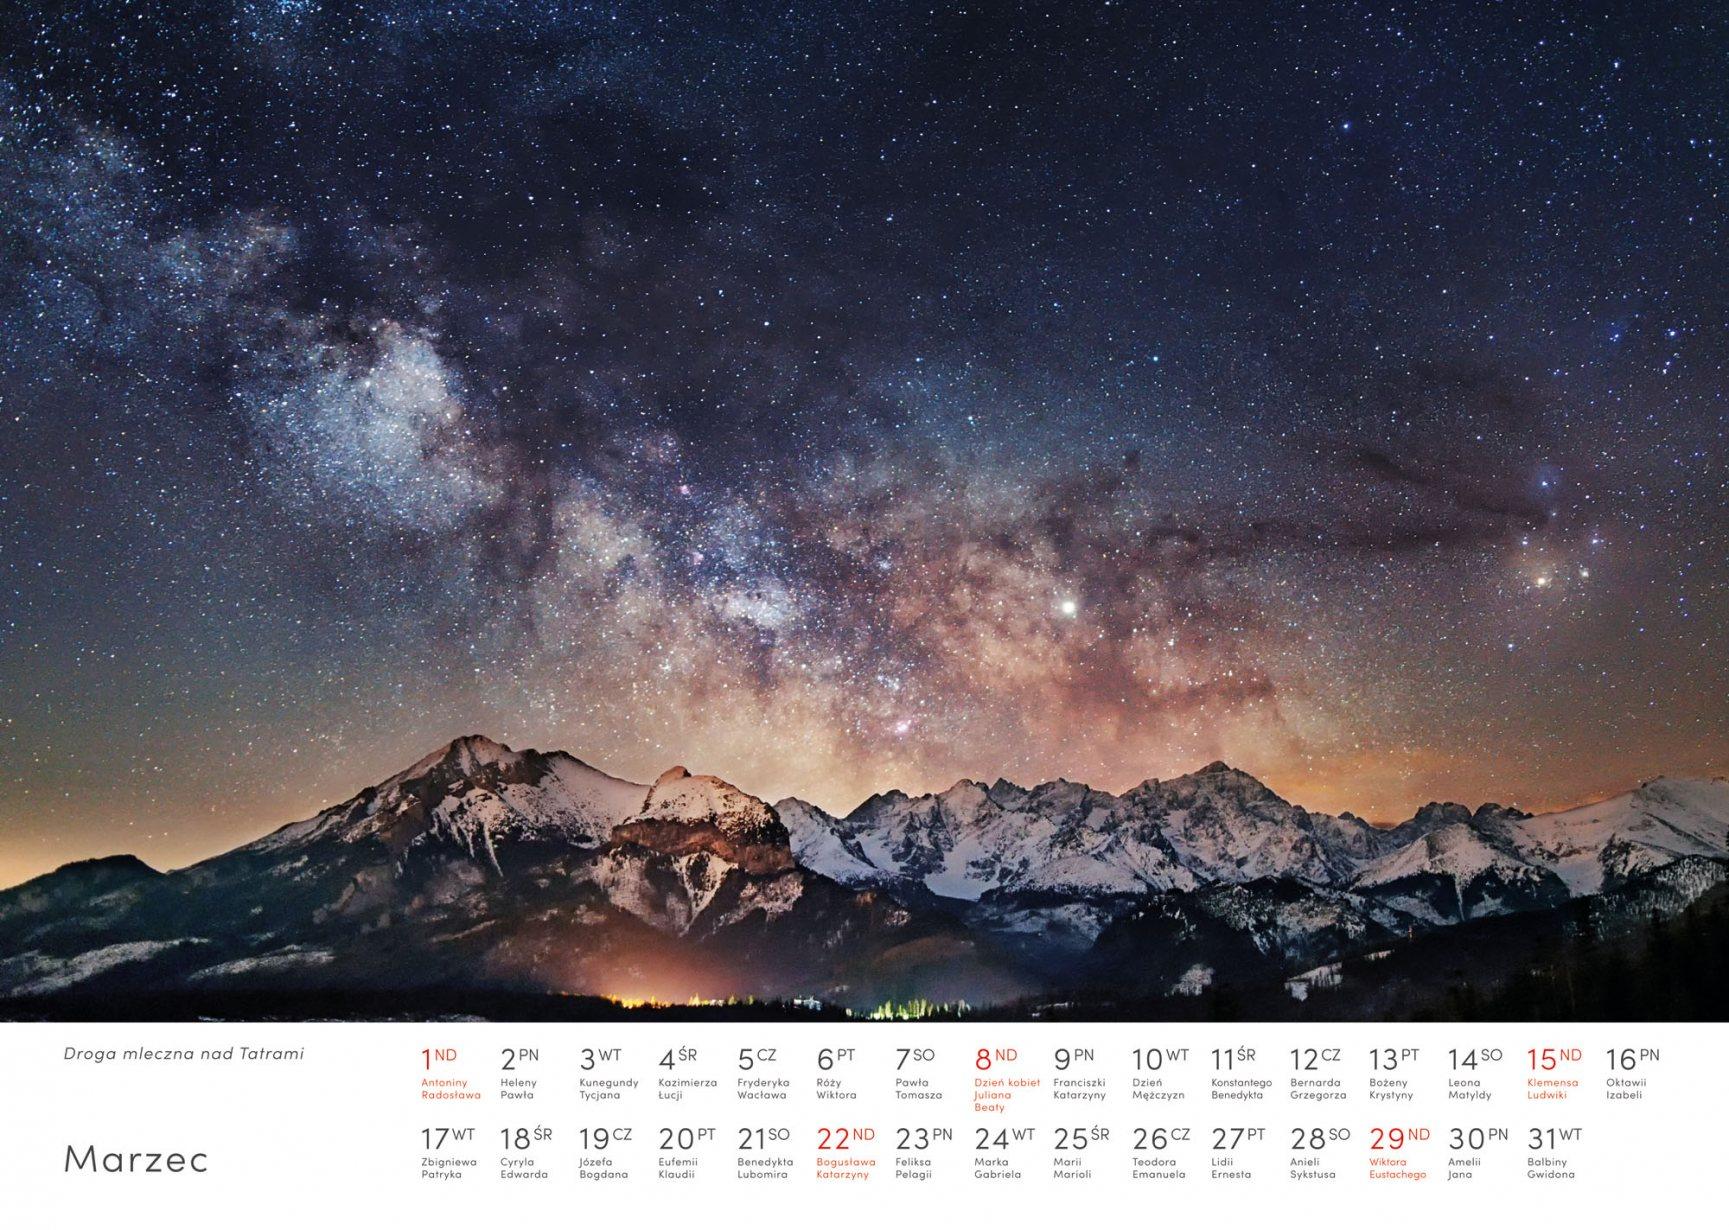 Kalendarz krajobrazy 2020 - Marzec - Piotr Kałuża - Droga Mleczna nad Tatrami